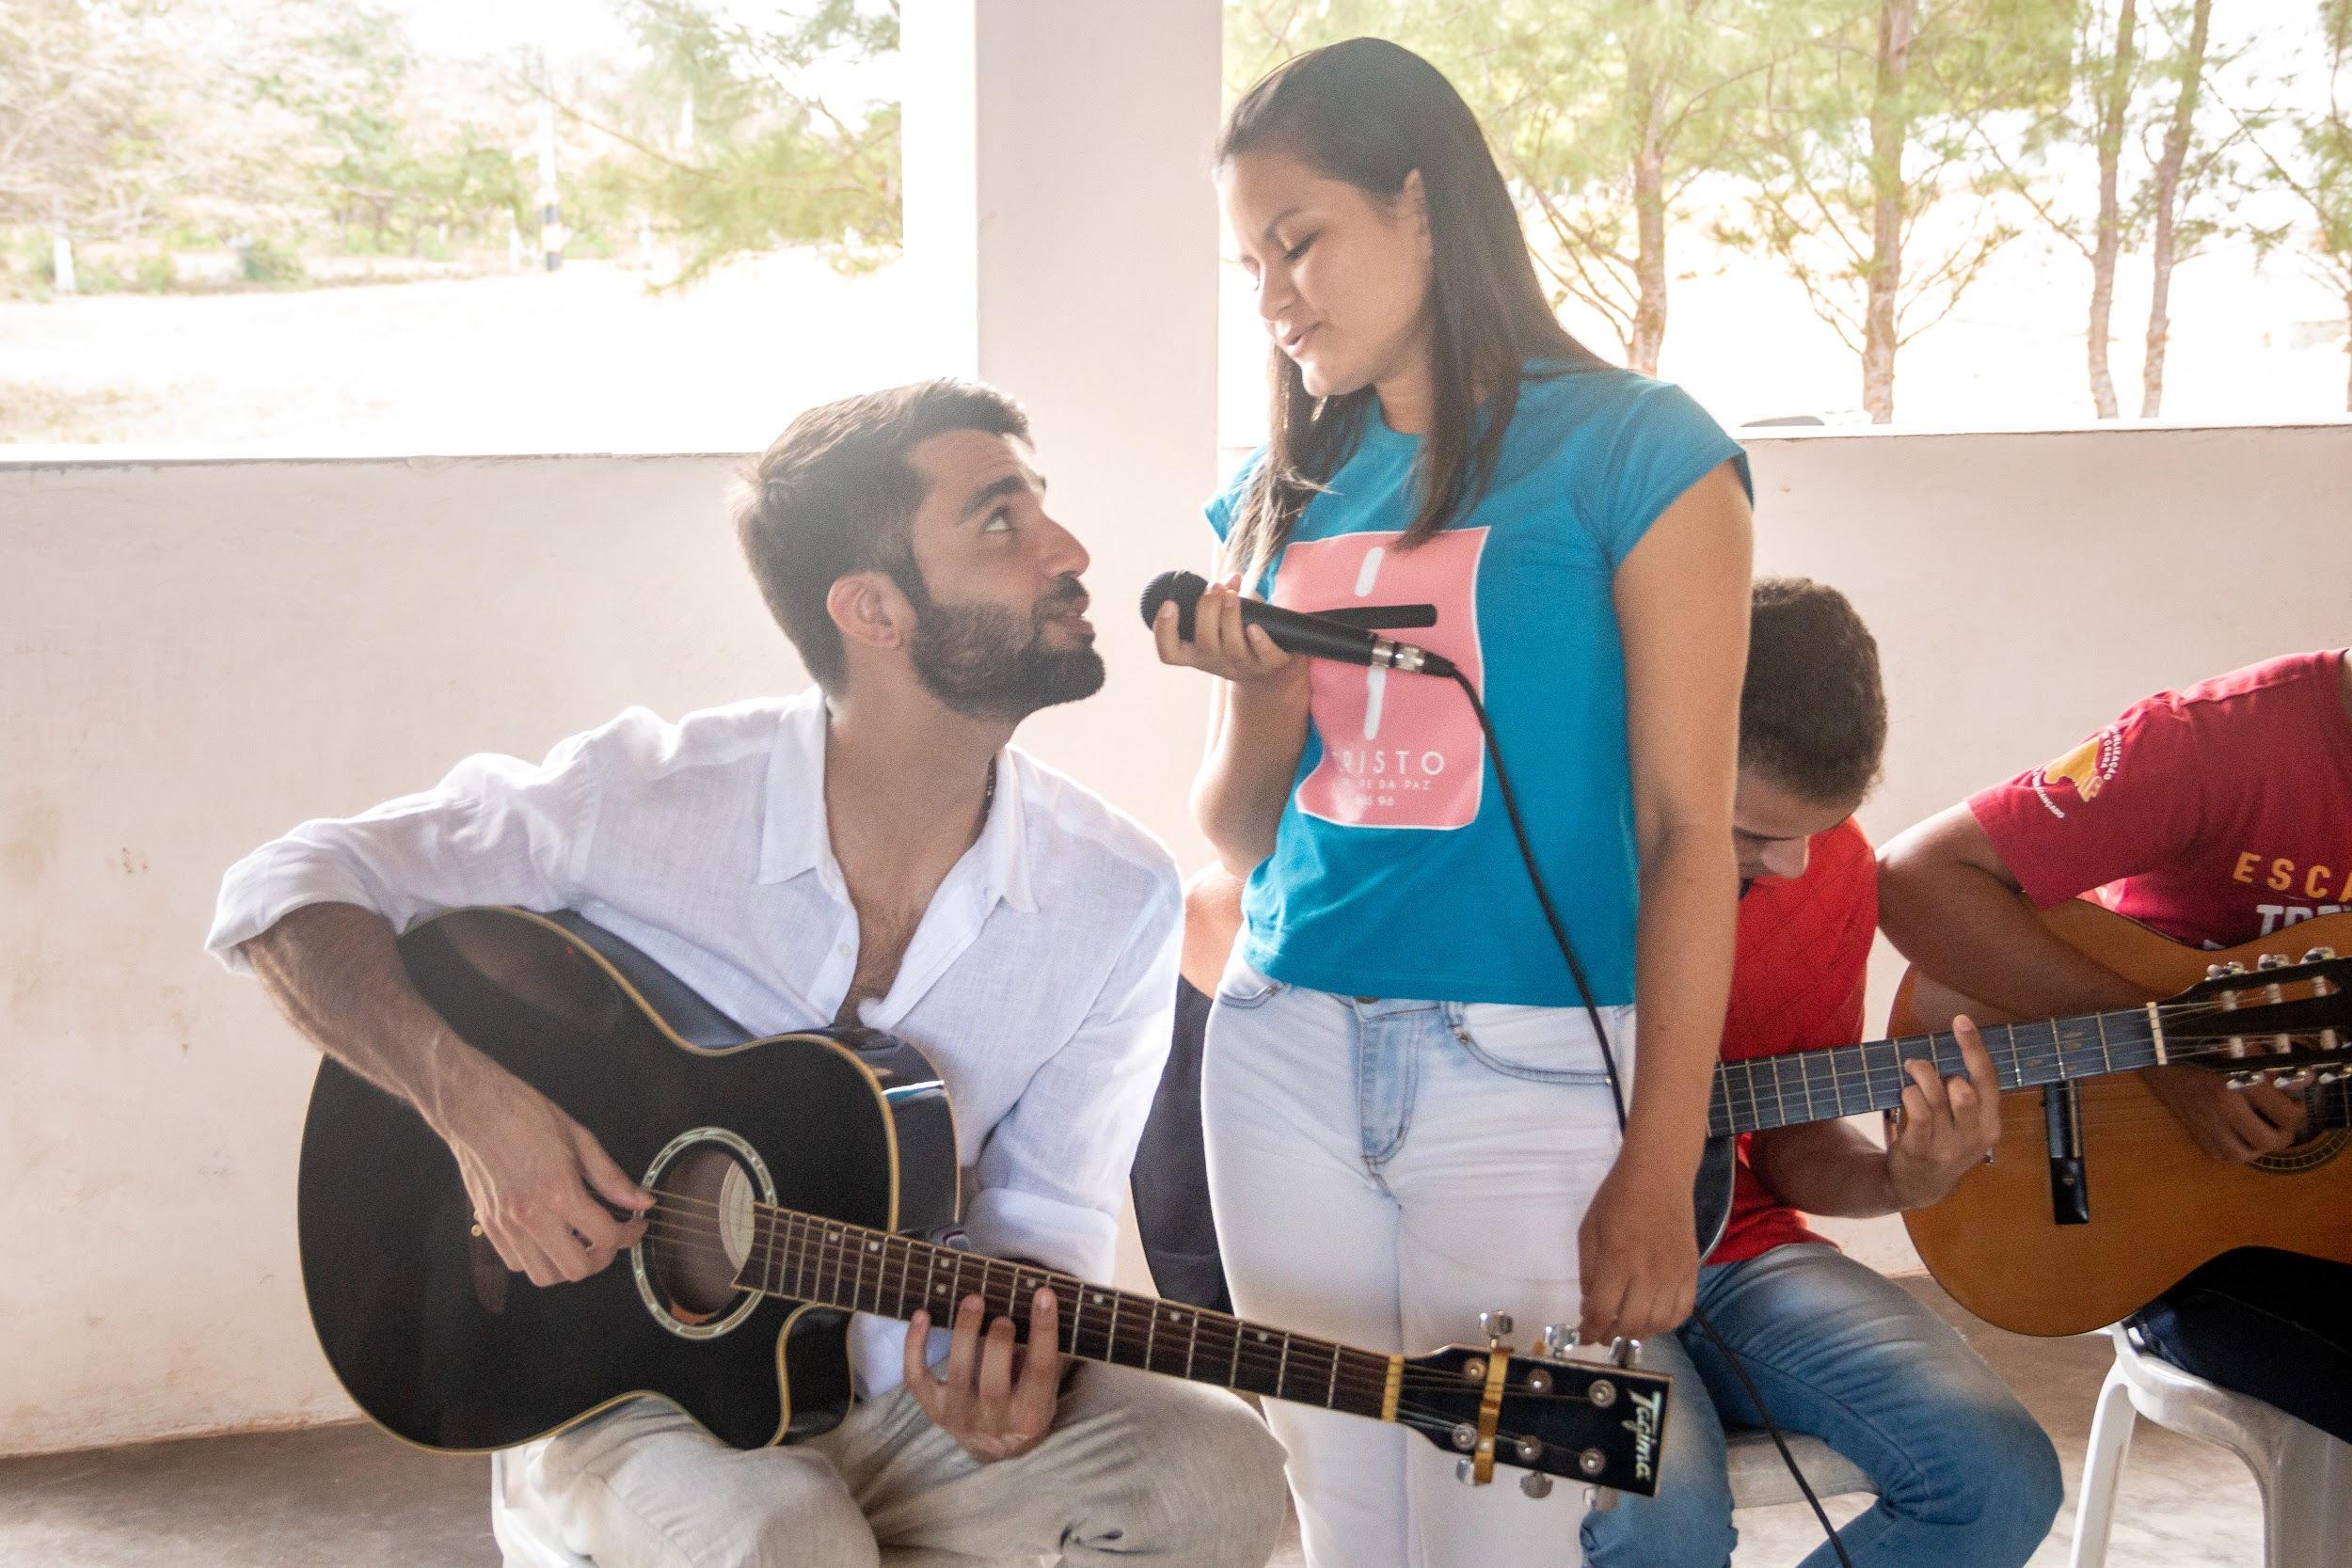 cantor silva cantando criança escola música ducoco litoral ceará